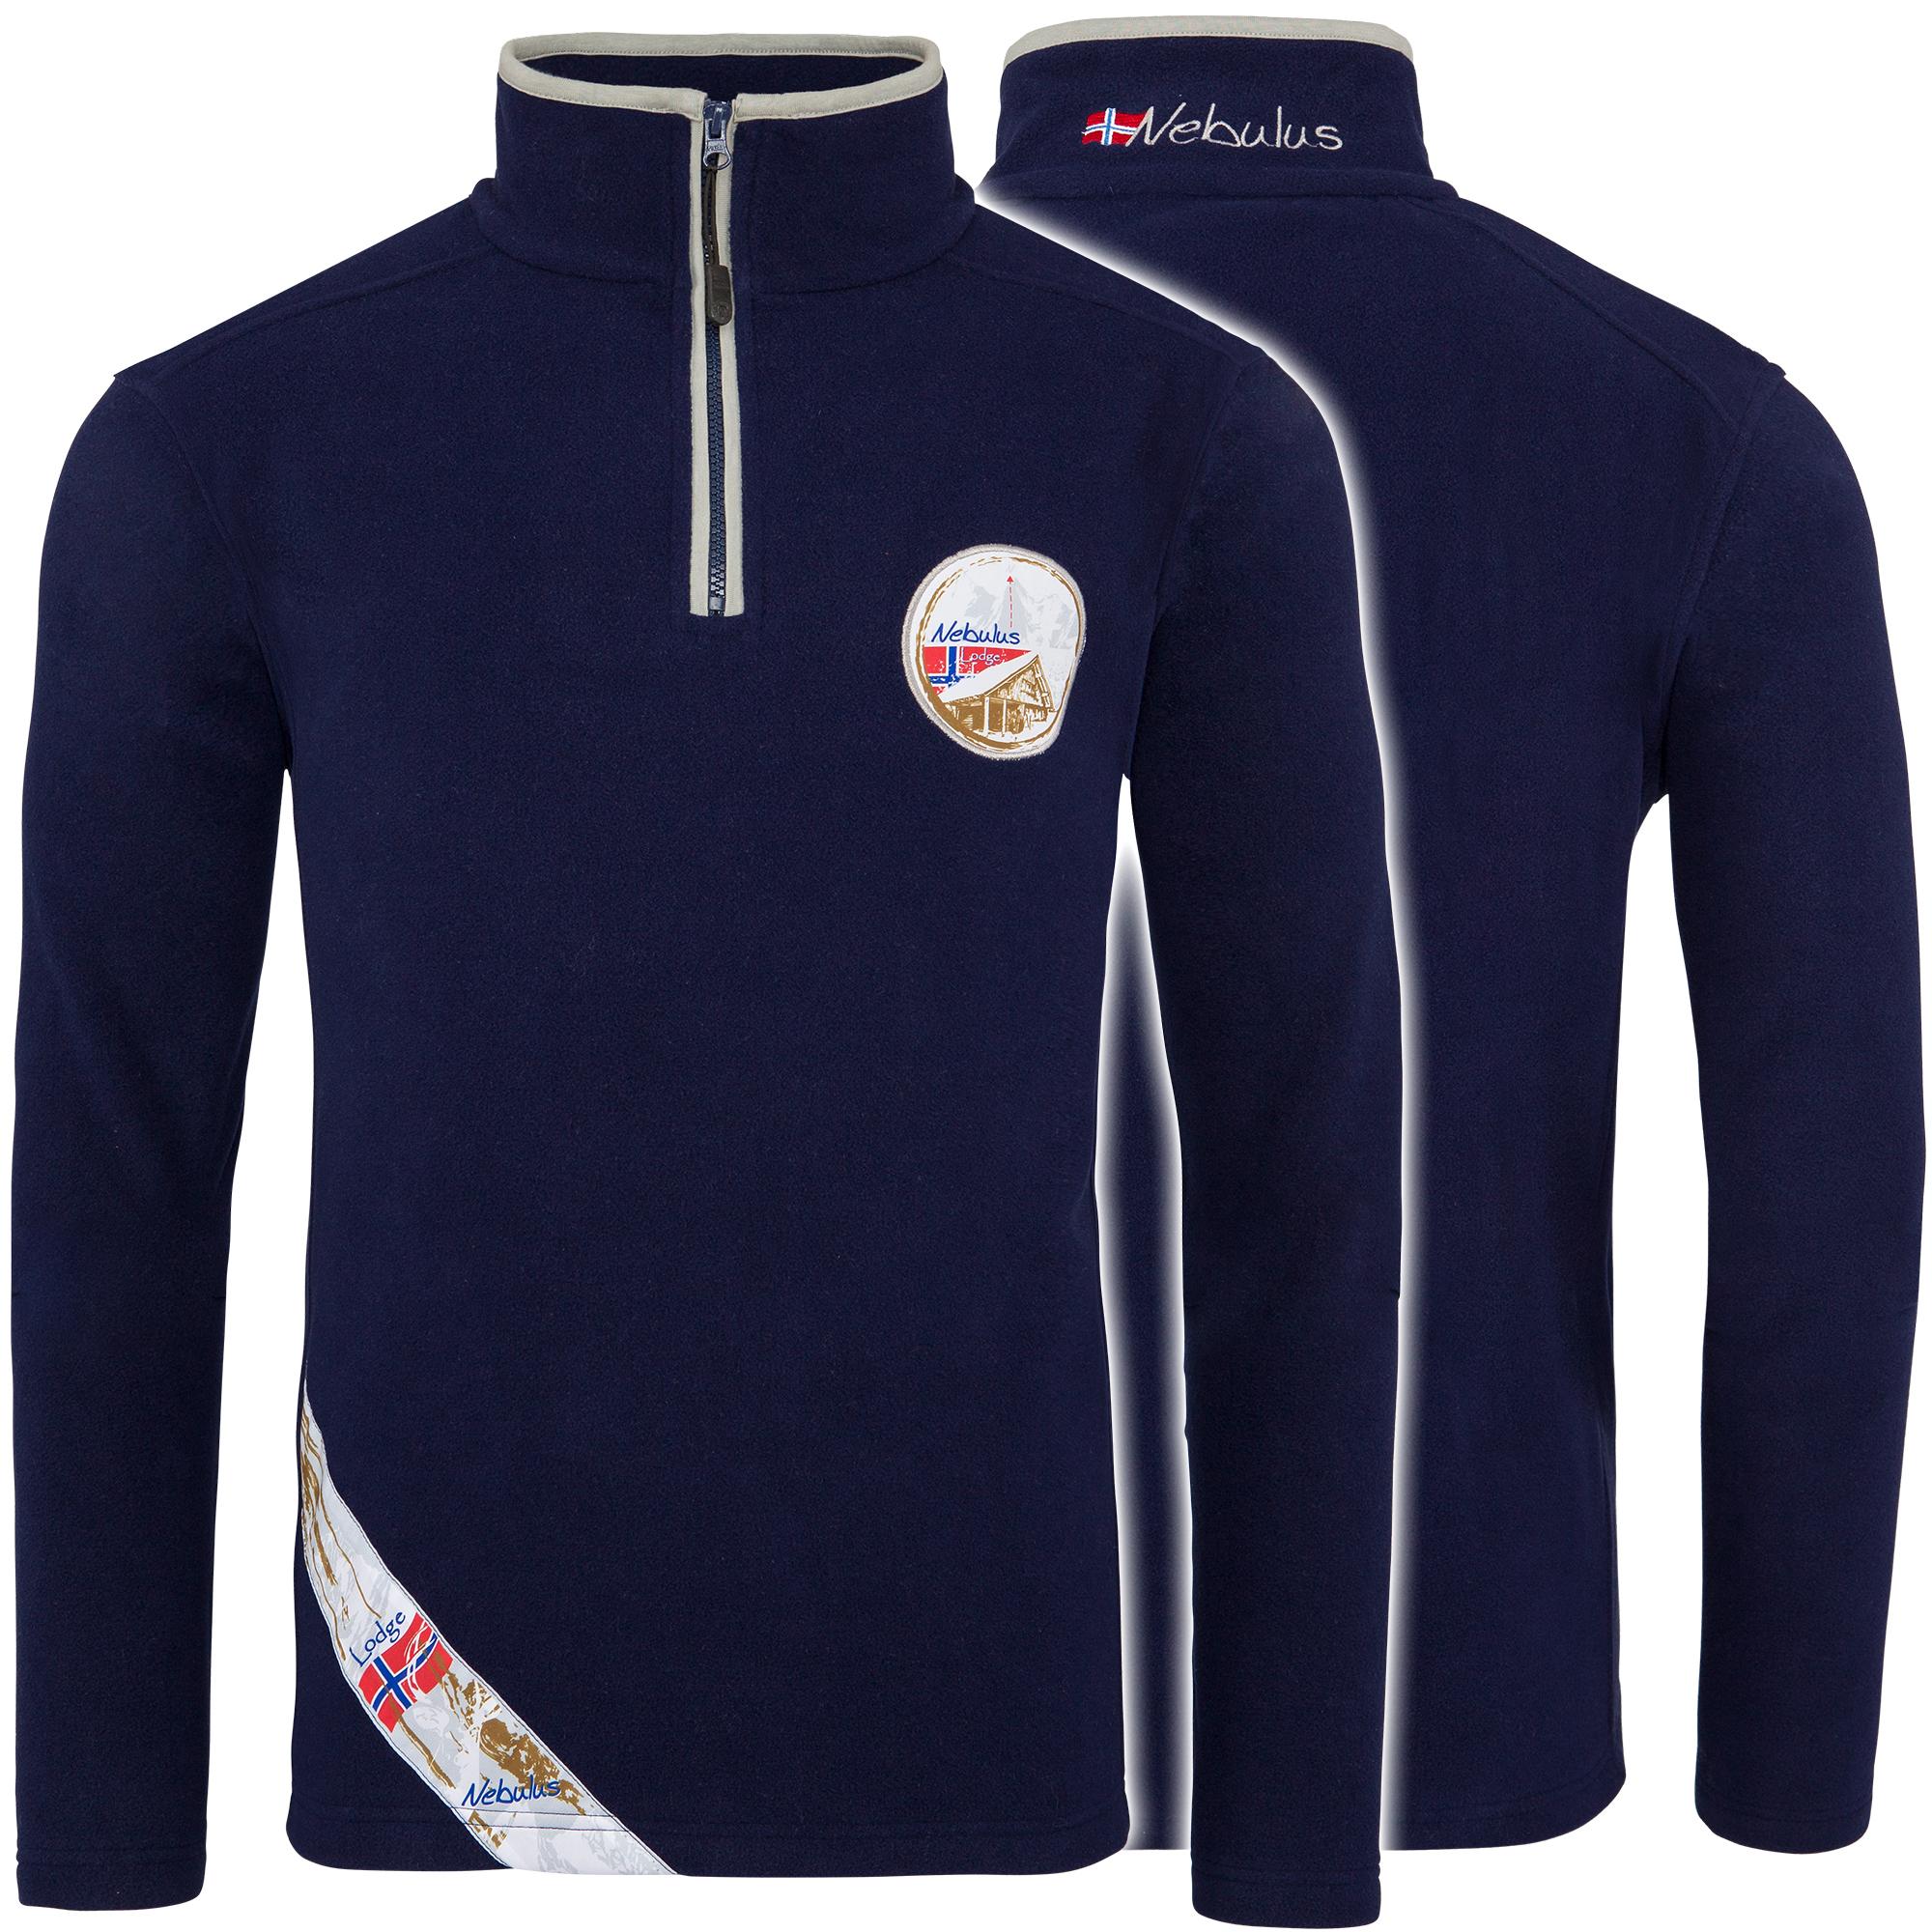 Fleece Pullover der Marker Nebulus für 17,99 € statt 32,99 € [Ebay Wow]